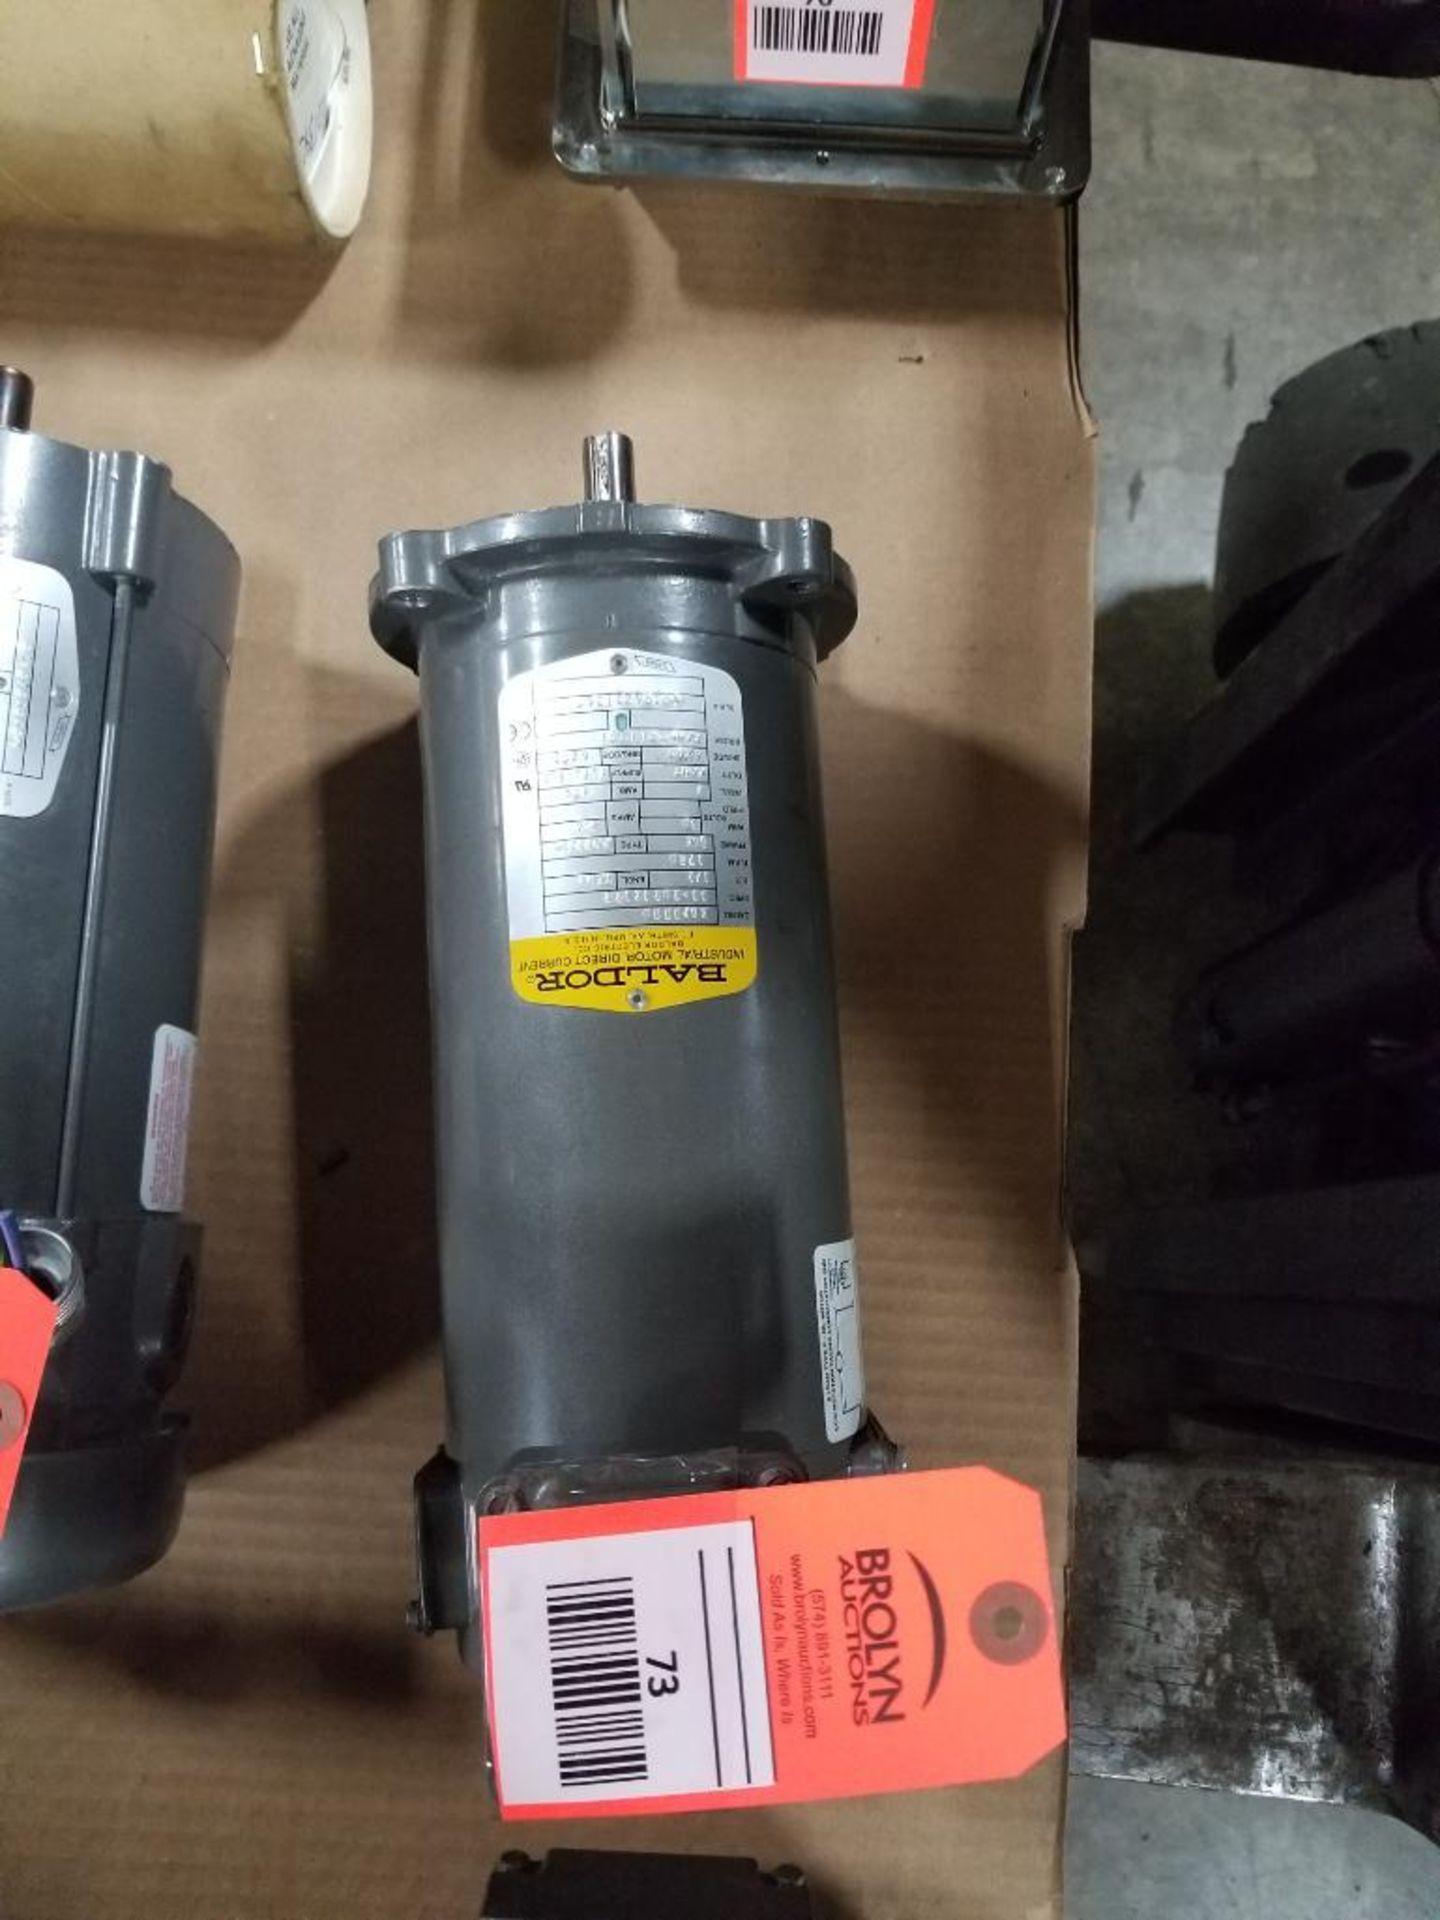 1/2HP Baldor industrial motor COP3330, 33-2024Z122. 1750RPM, 56C-Frame.